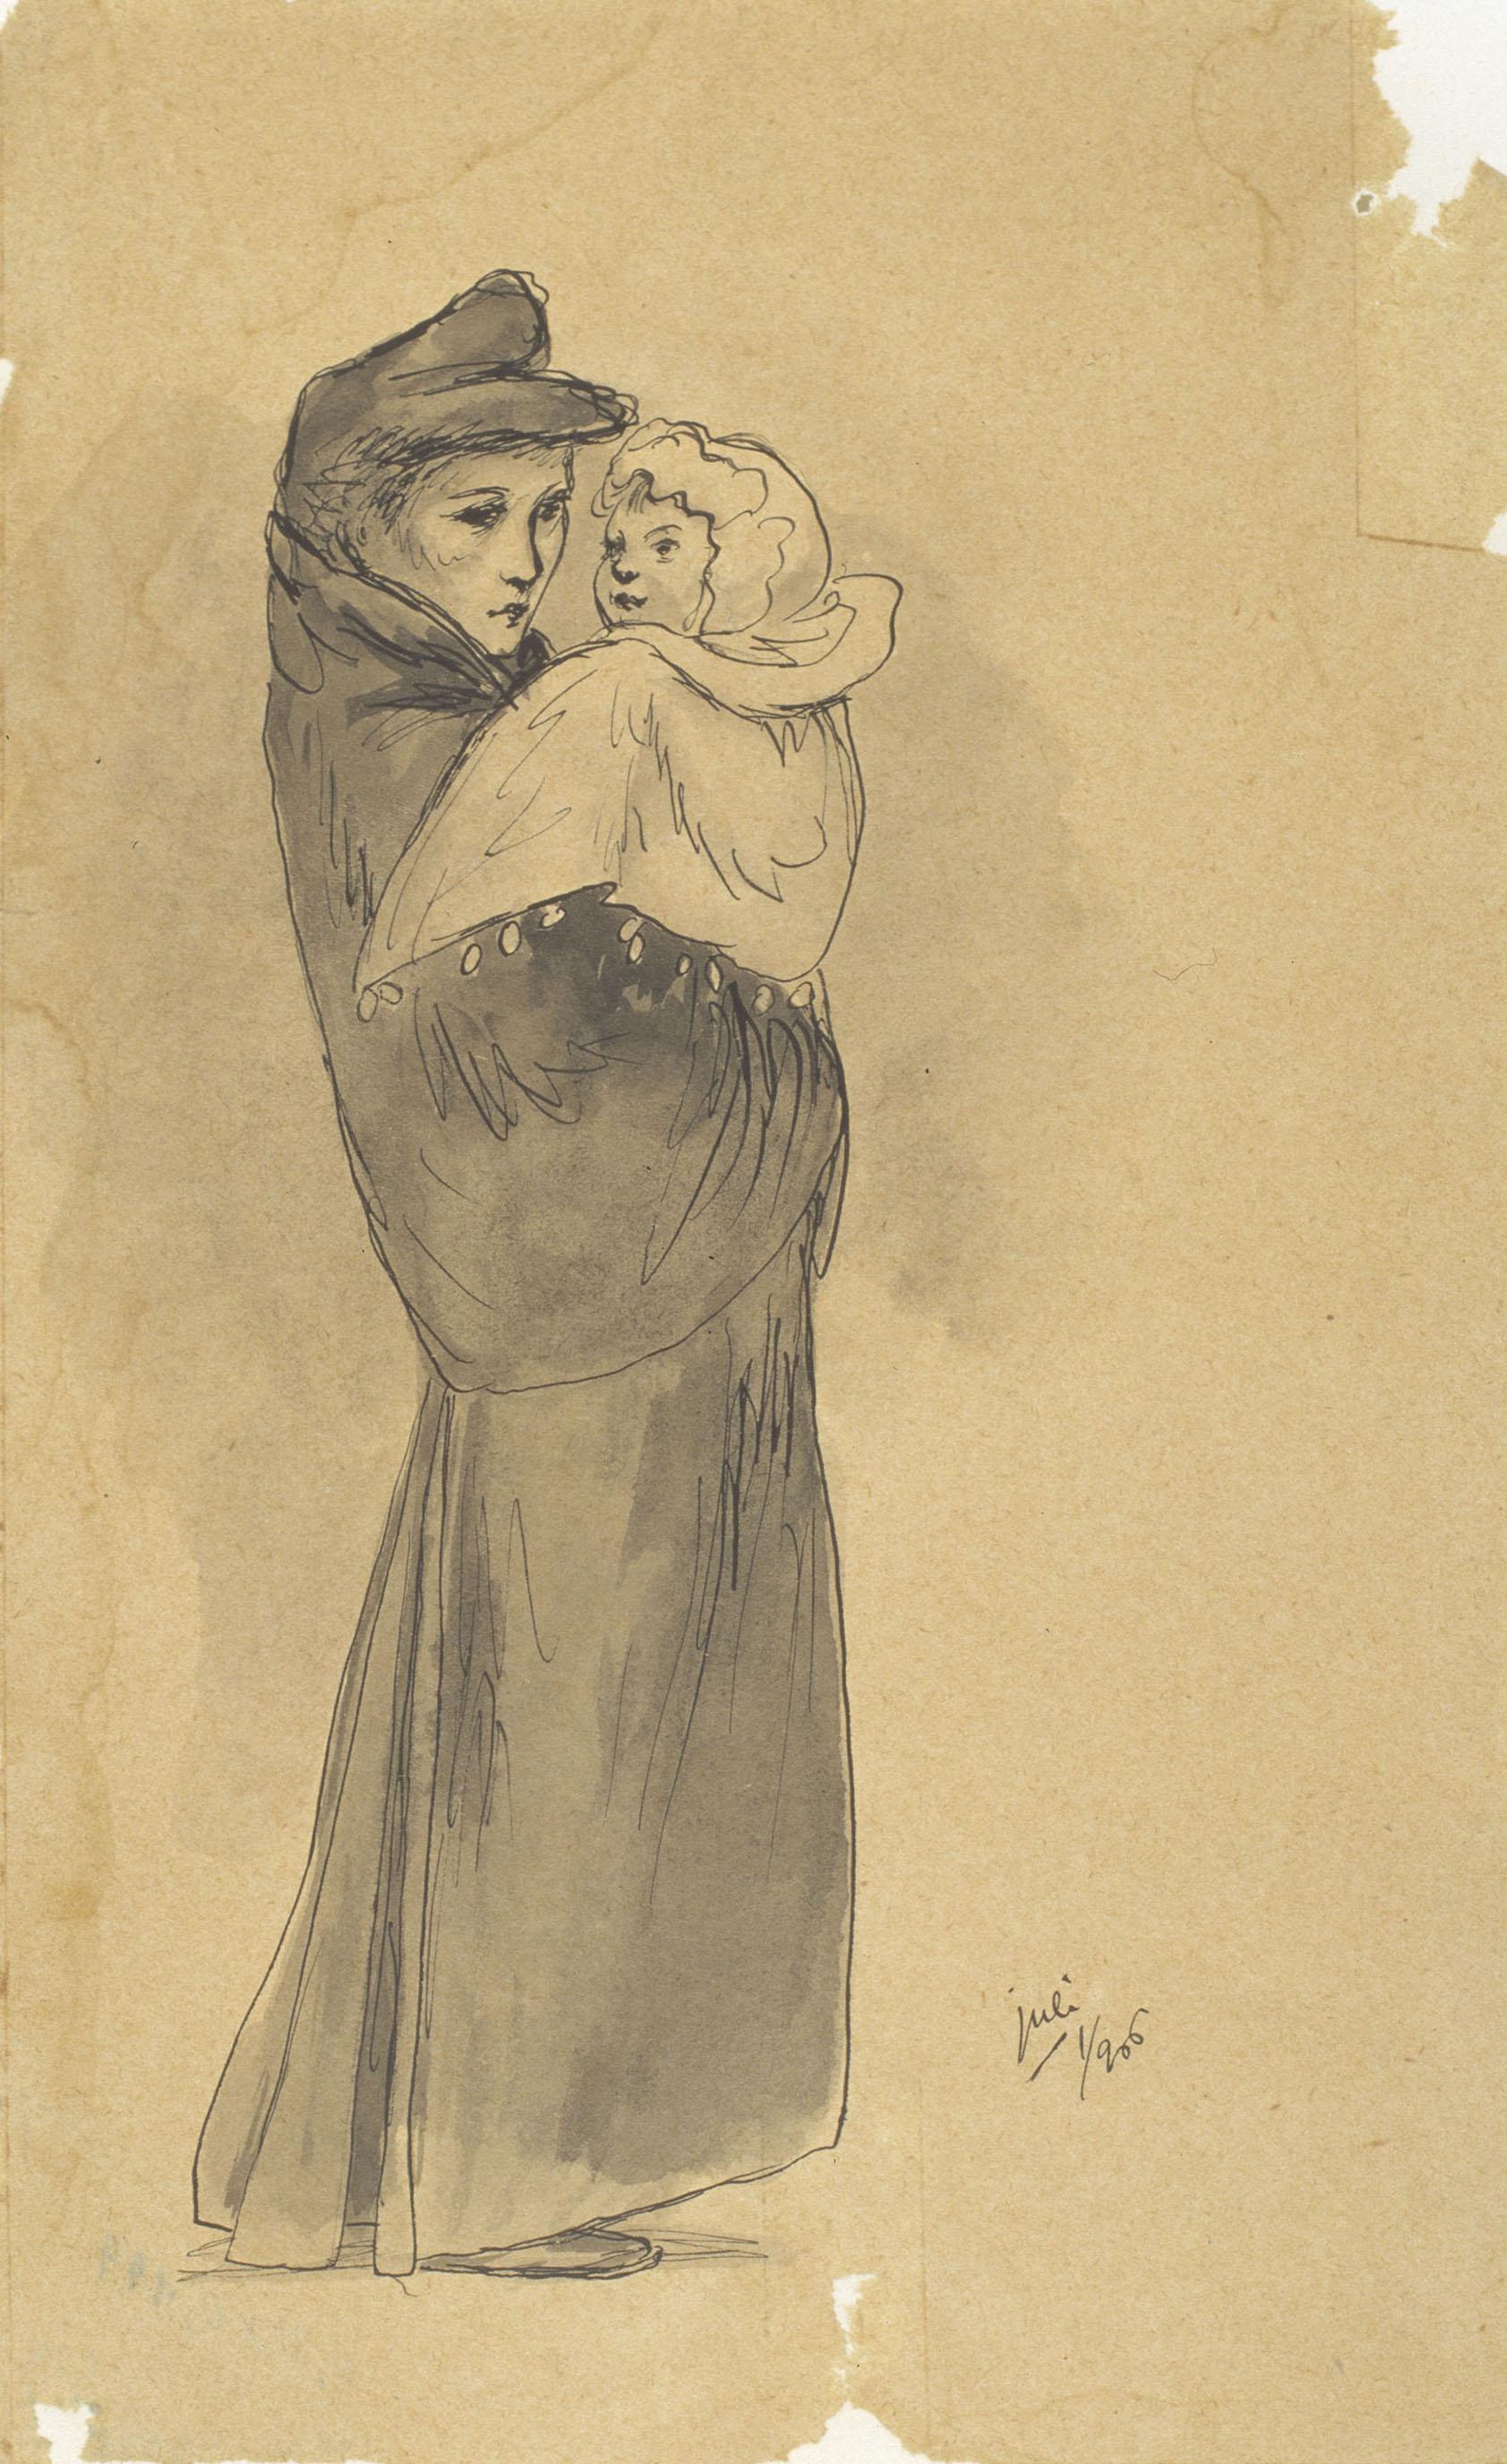 Juli González - Maternitat (Maternité) - 1906